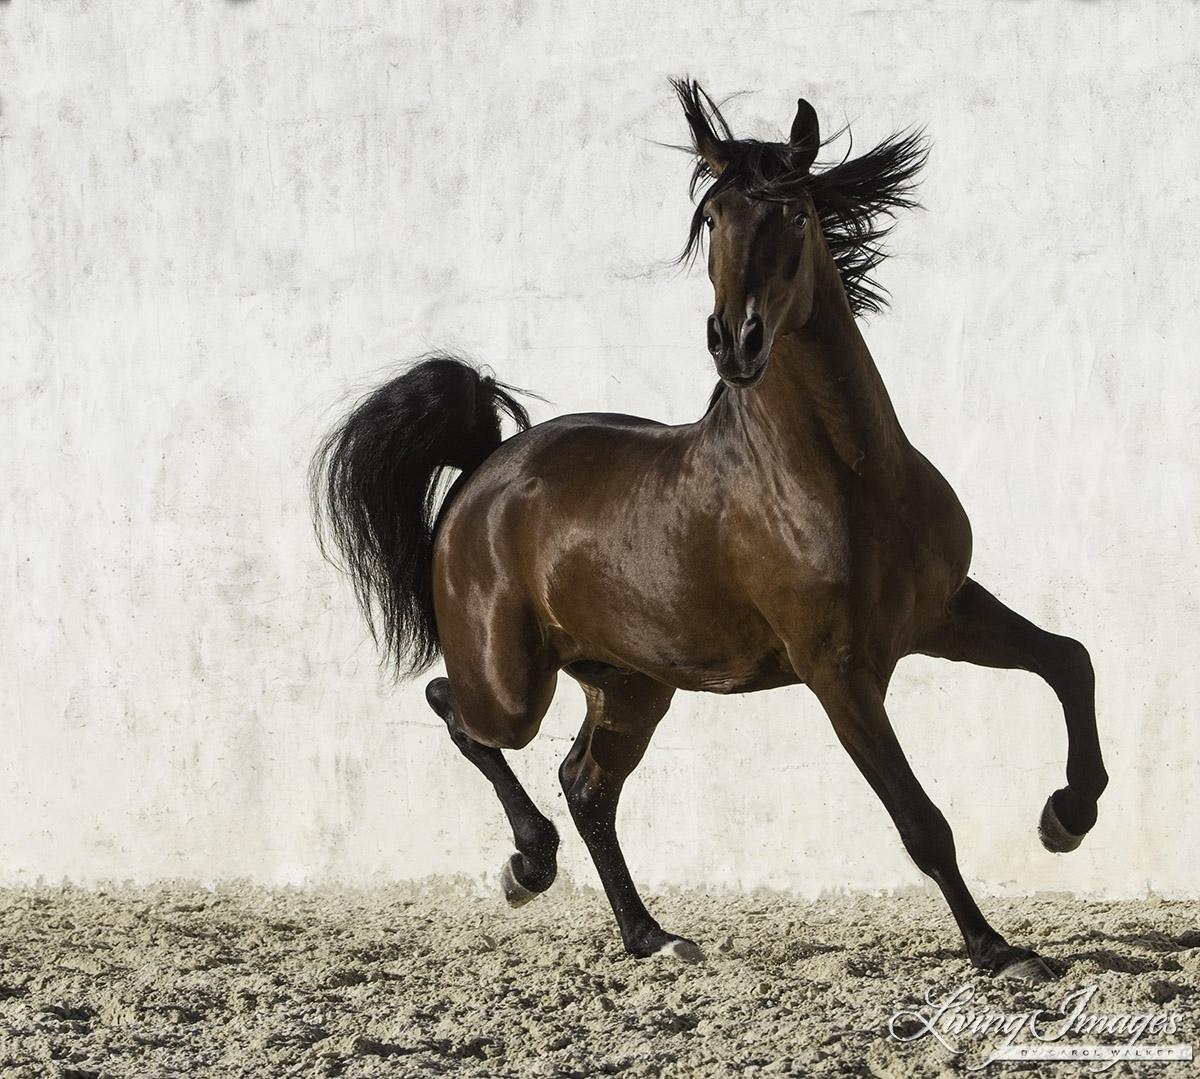 аэропорту картинки конь танцует этой статье проследим